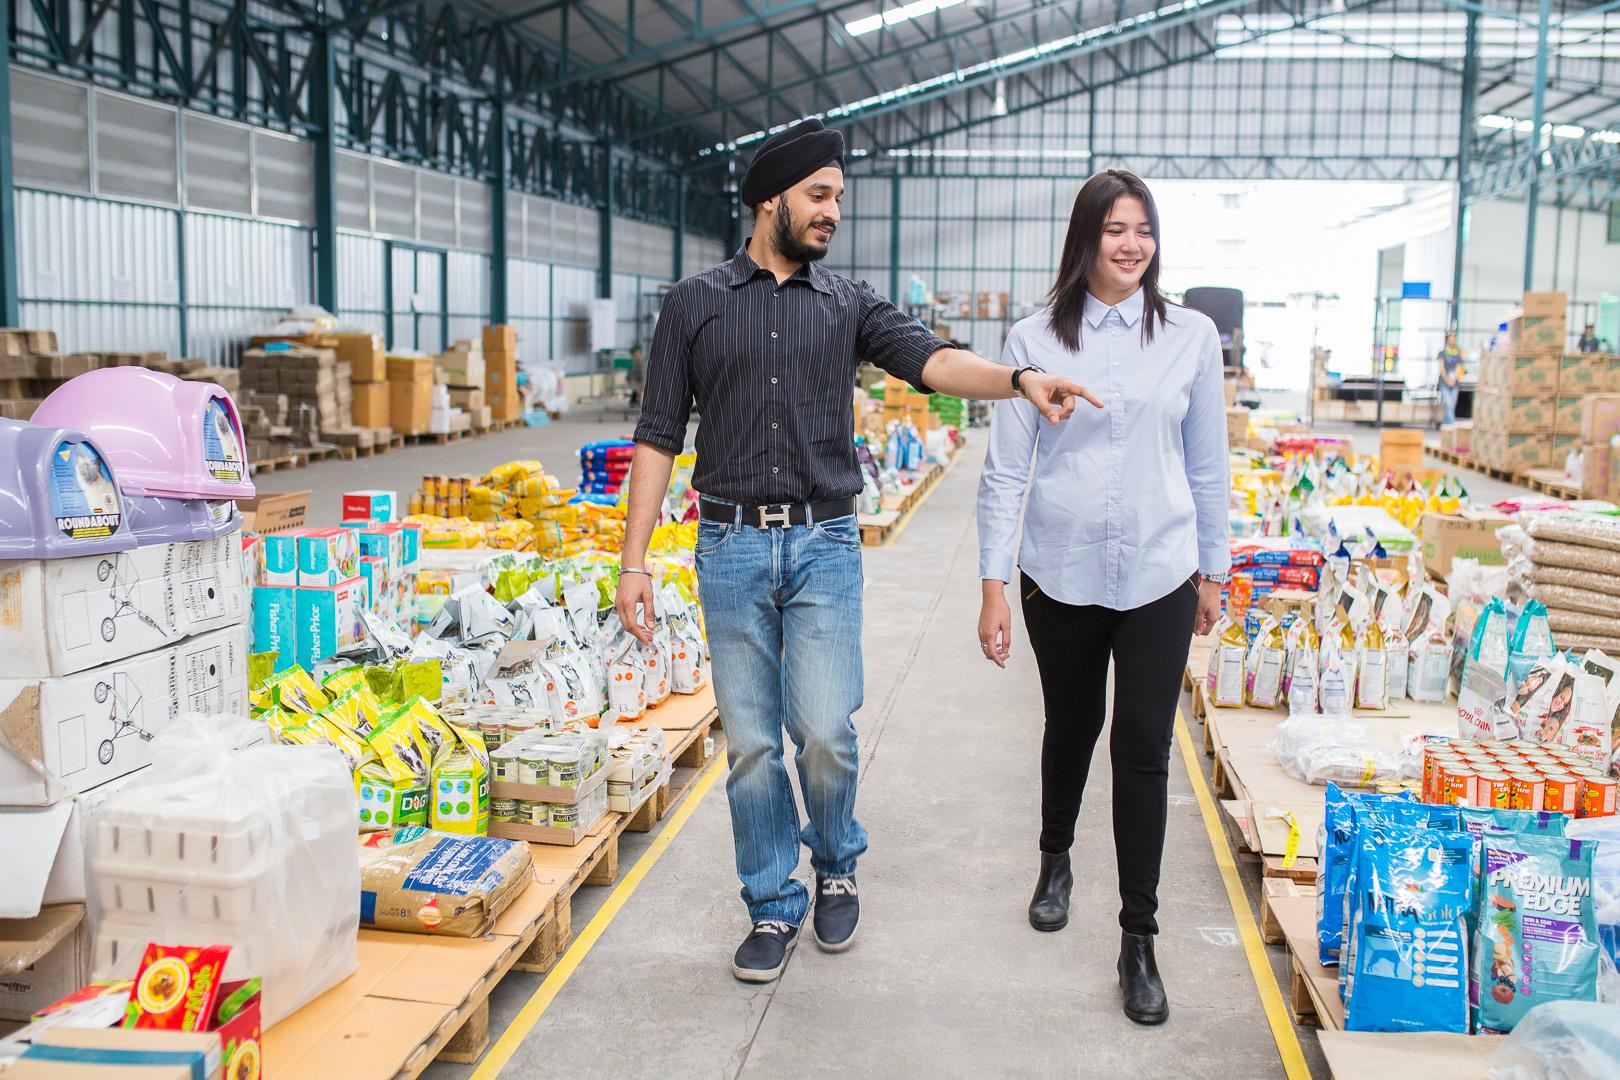 Whatsnew Warehouse photoshoot 3